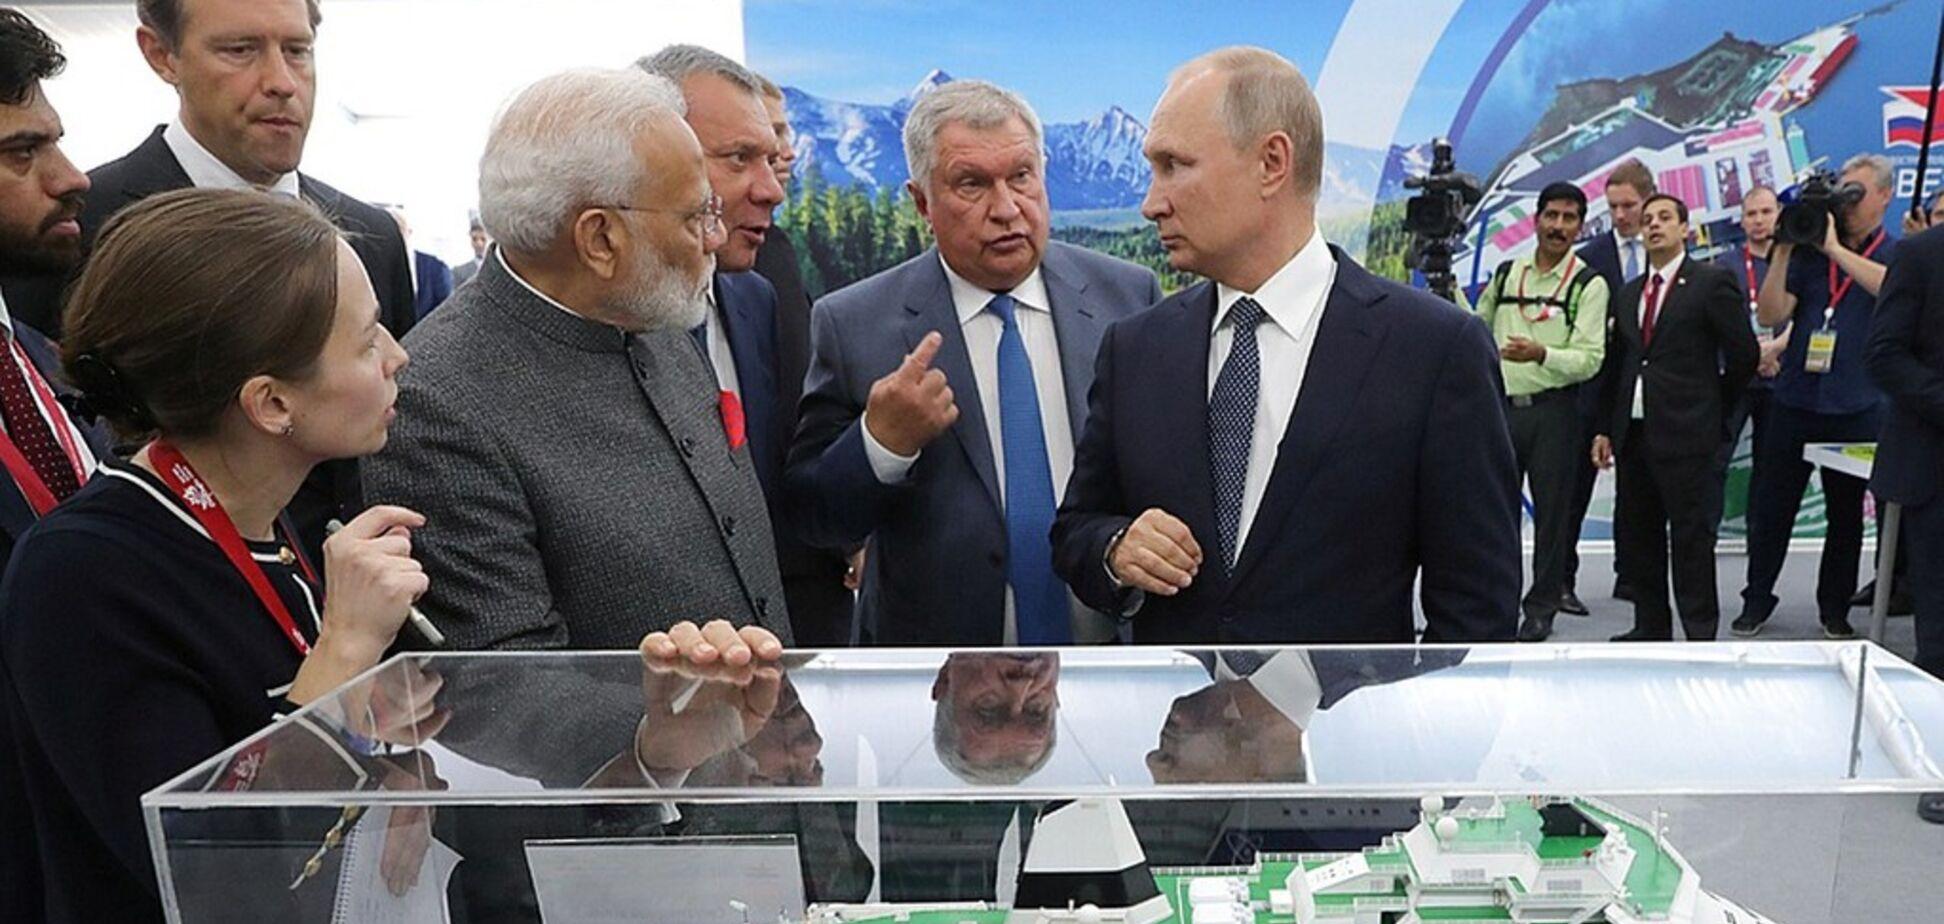 'Страна мультиков': Путина подняли на смех из-за нового электрокара Porsche